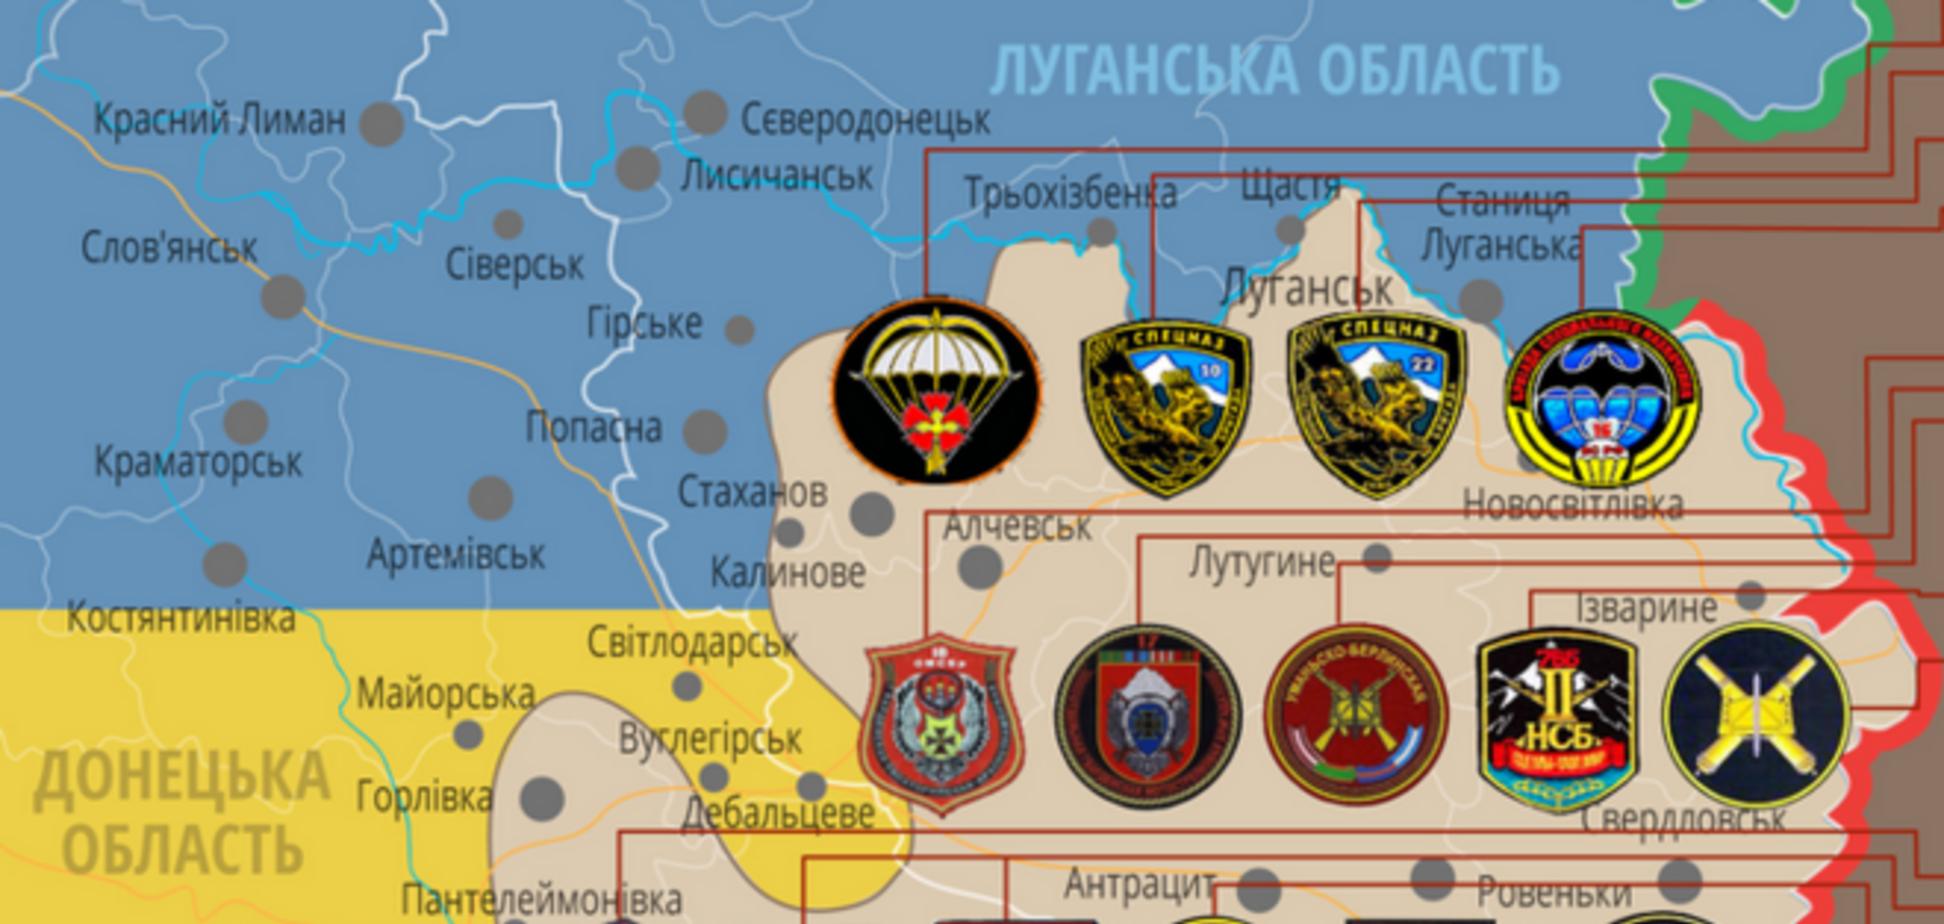 Опубликована детальная карта расположения российских военных частей на Донбассе: инфографика